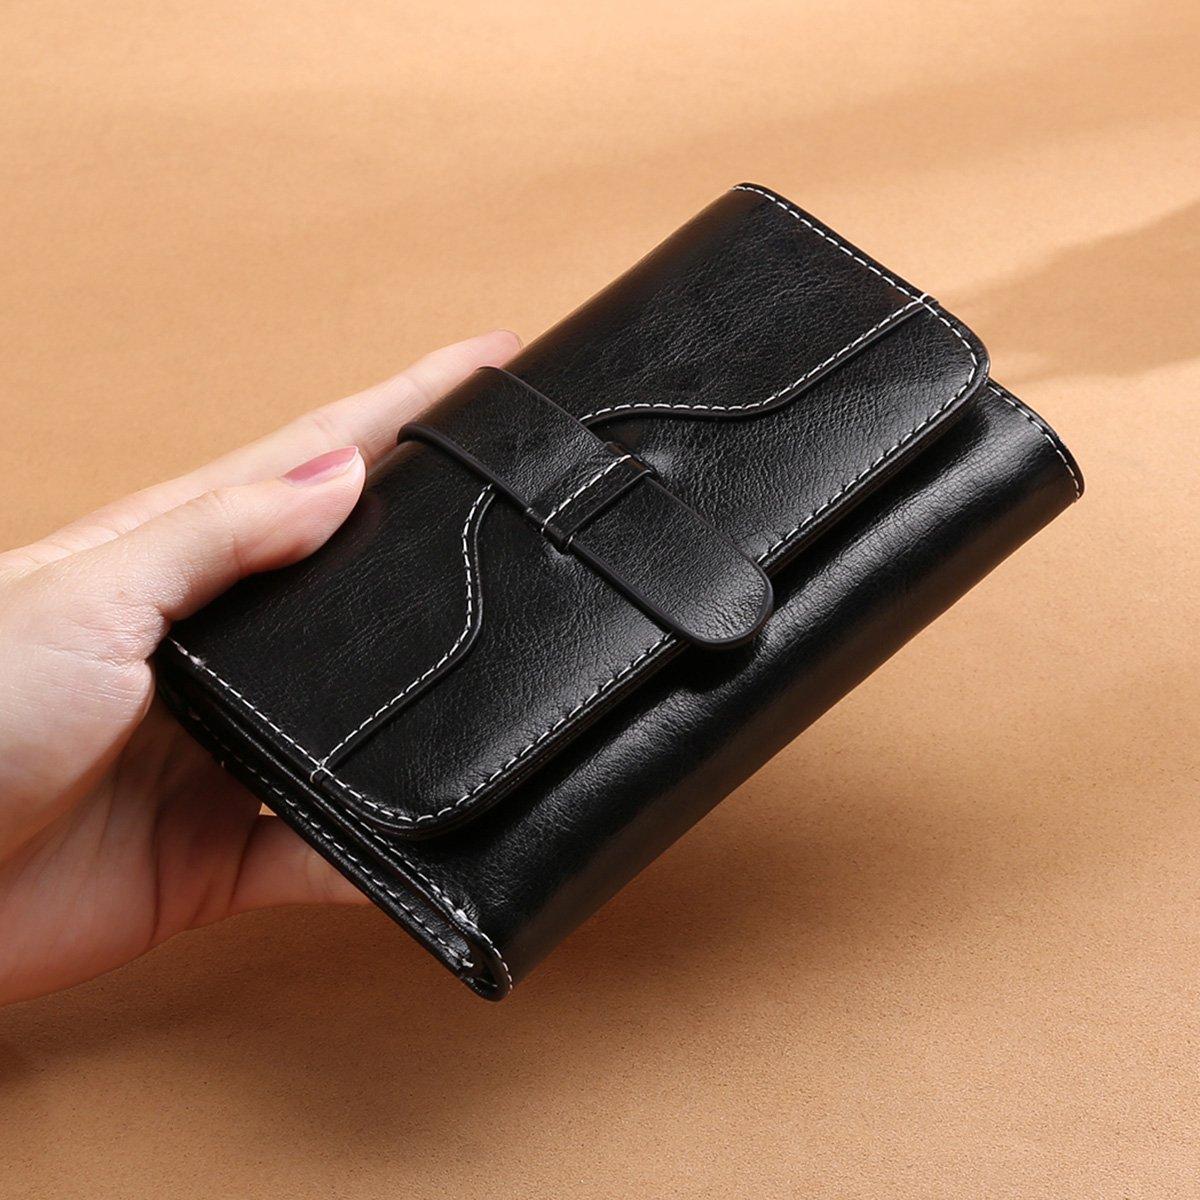 Vintage Leather Women short Wallet Coin Pocket Phone Purse Female Card Holder by Sendefn (Image #5)